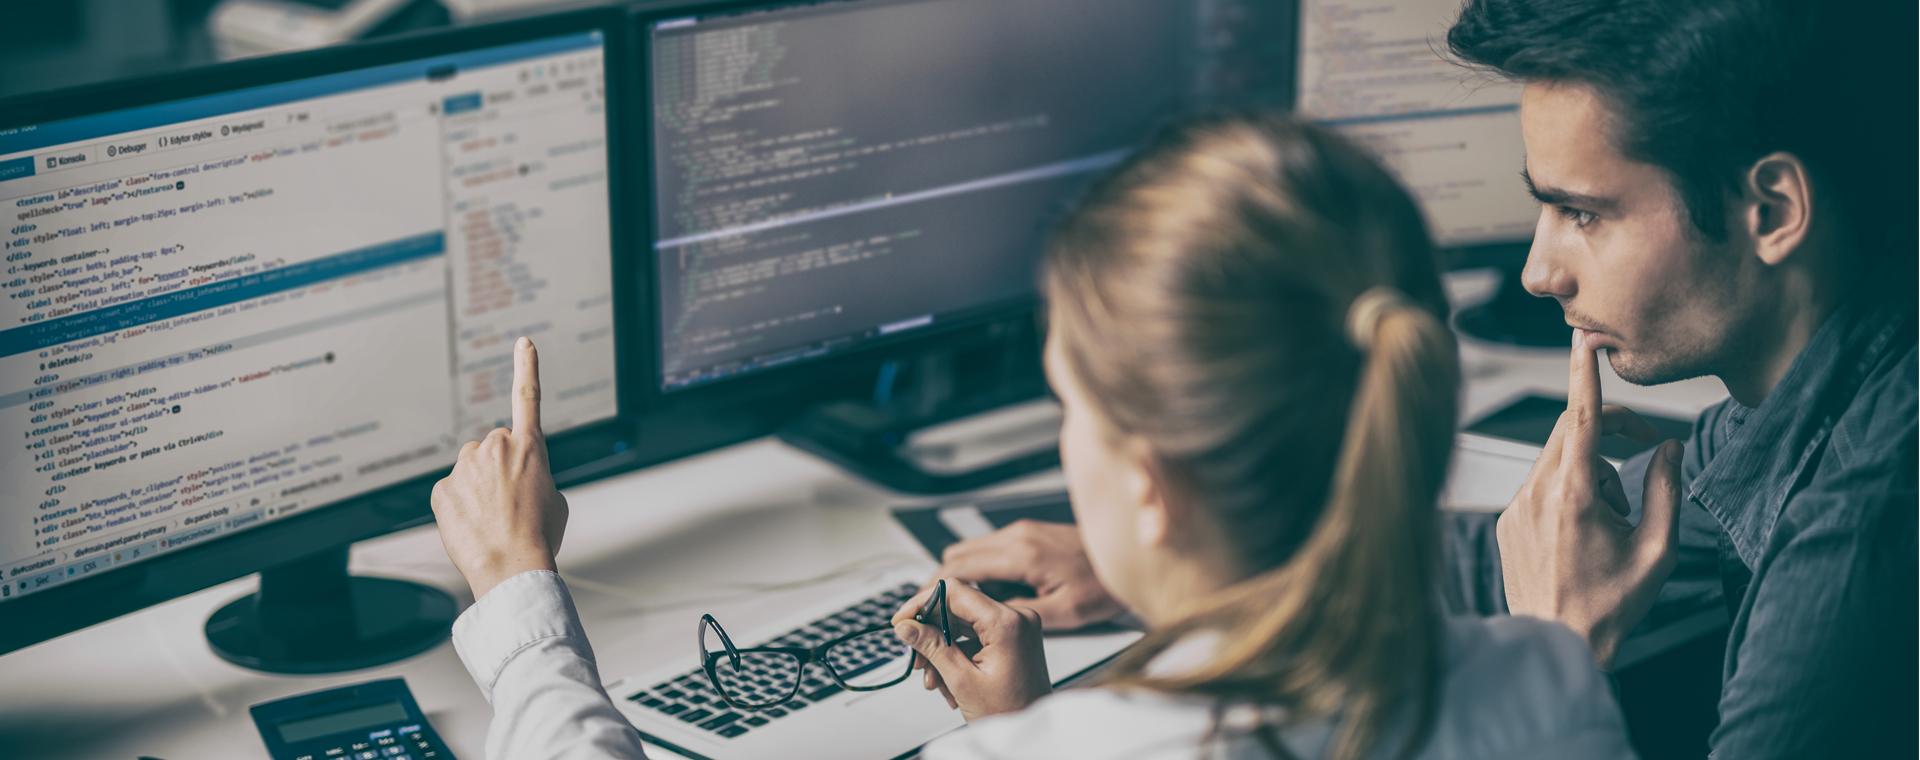 Bilgisayar Programcılığı (2 Yıllık) 2019 Taban Puanları ve Başarı Sıralamaları